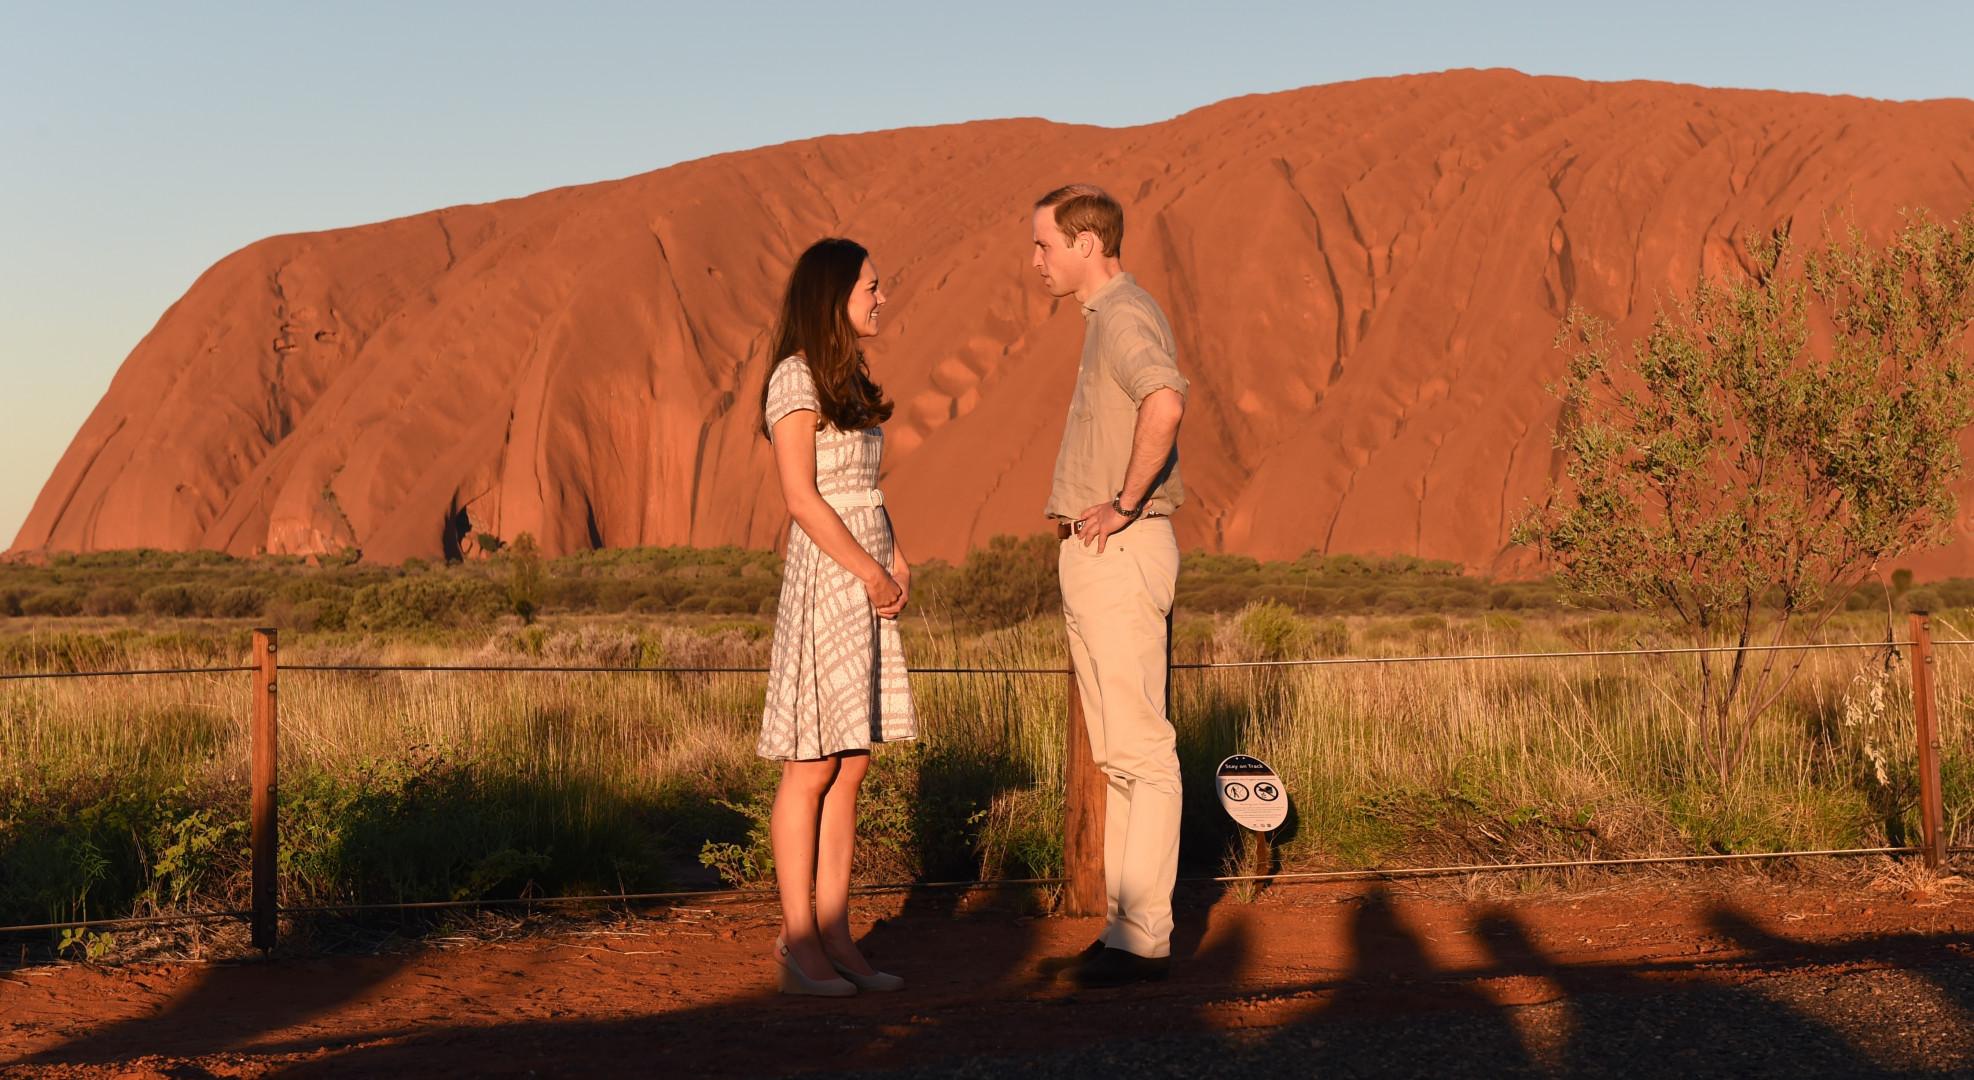 Pose au coucher du soleil en Australie pour une photo romantique le 22 avril 2014